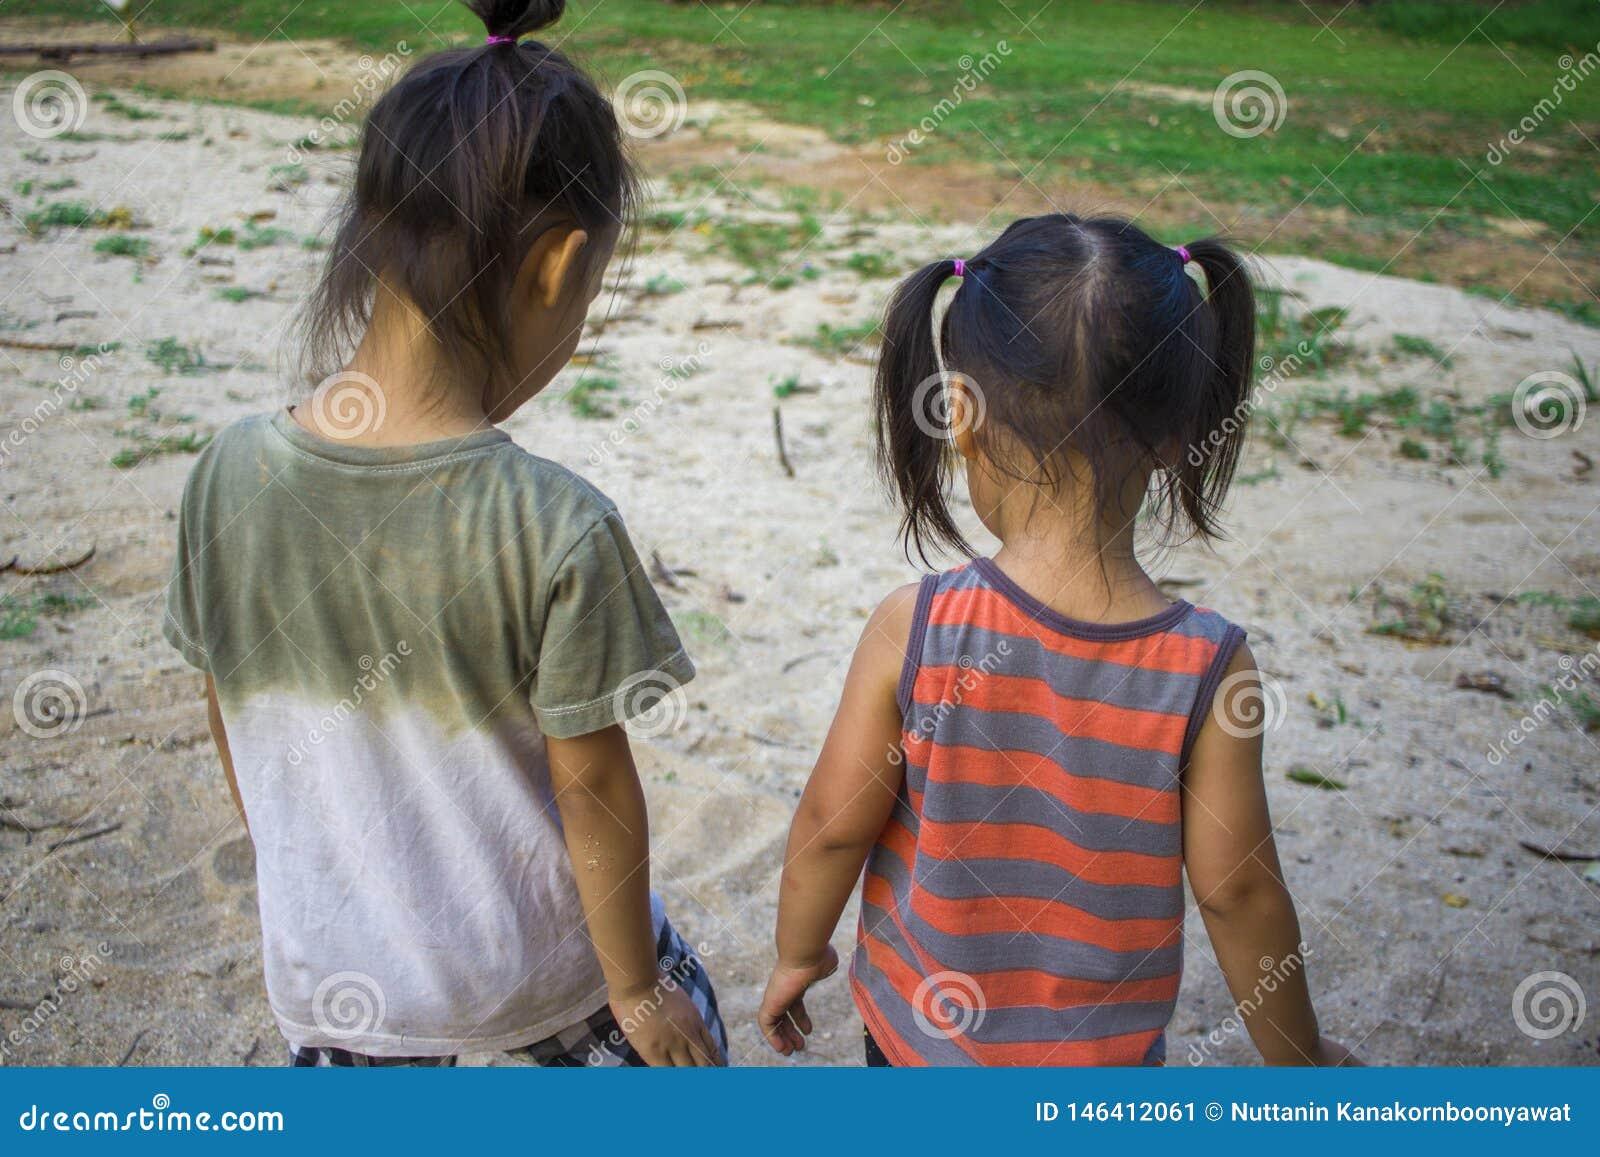 Bambino felice che gioca con la sabbia, famiglia asiatica divertente in un parco